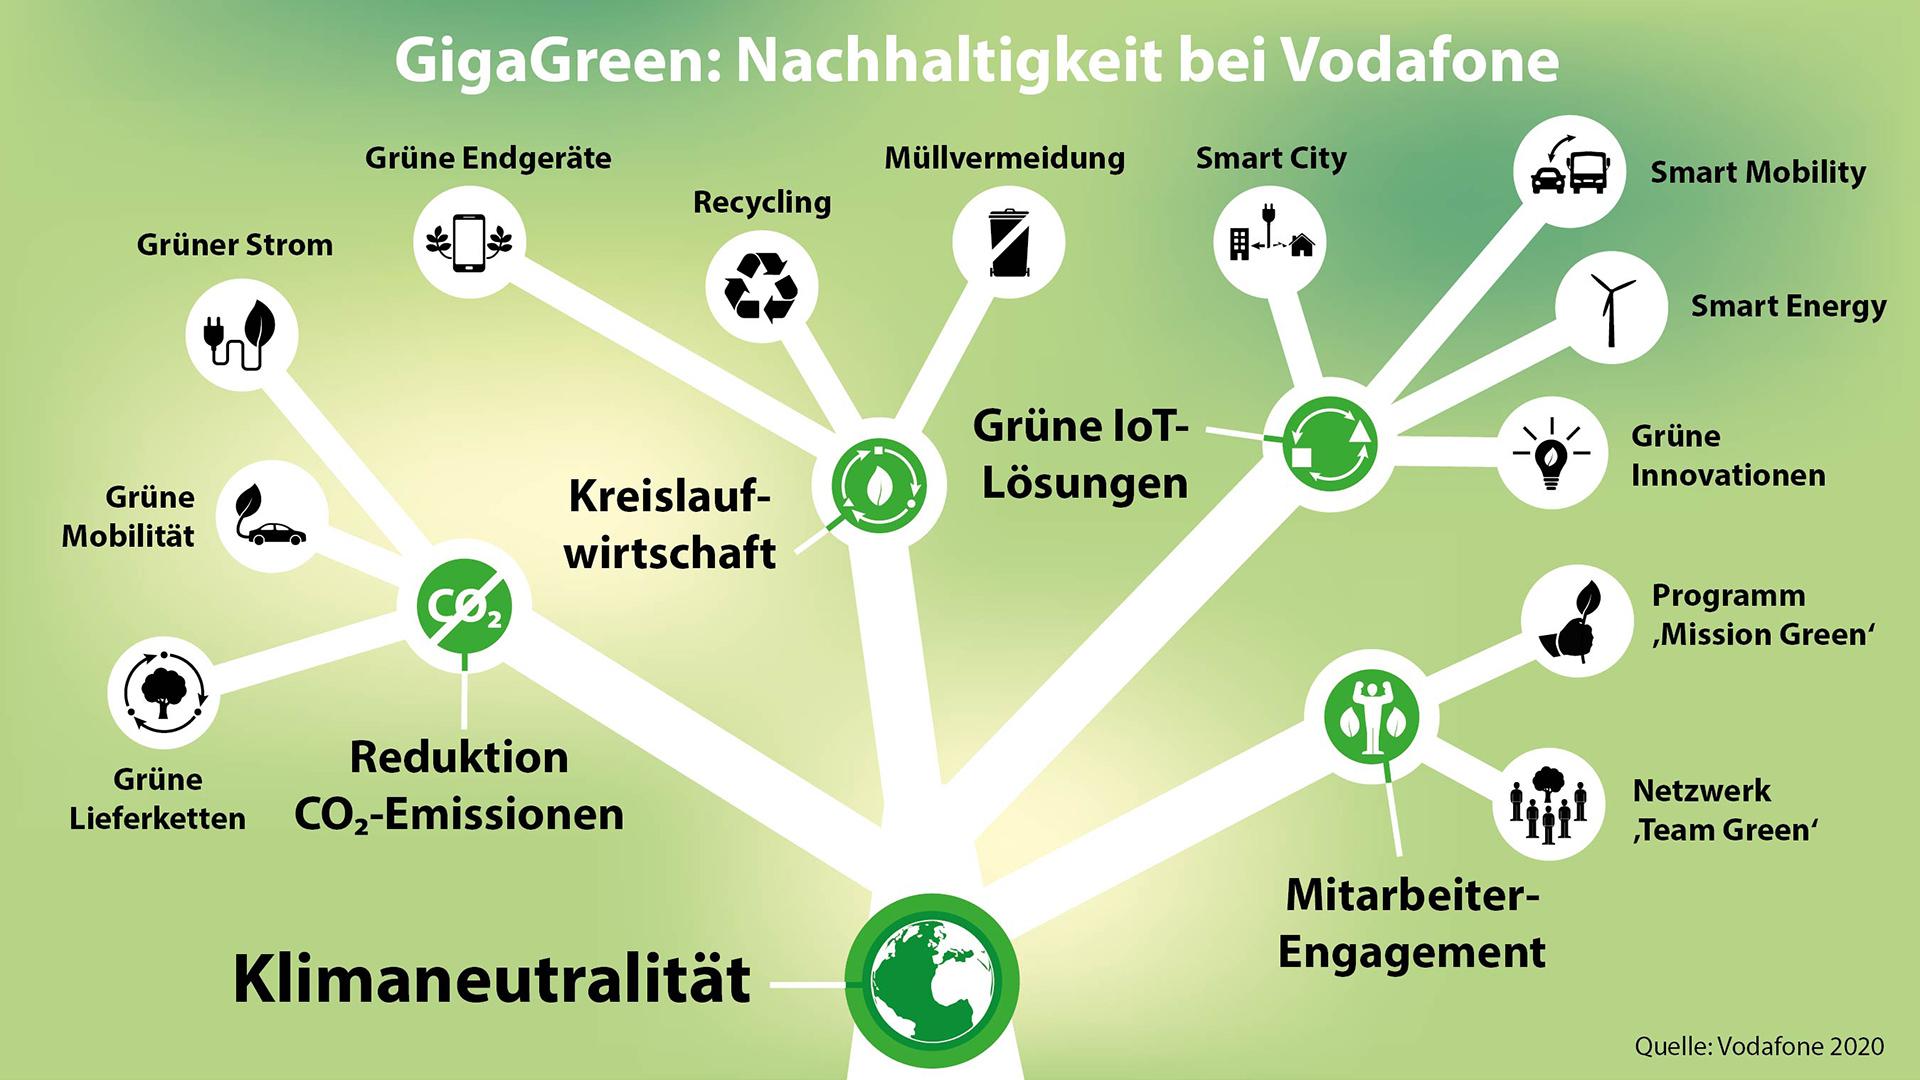 Die Zusammensetzung der GigaGreen-Strategie bei Vodafone Deutschland.